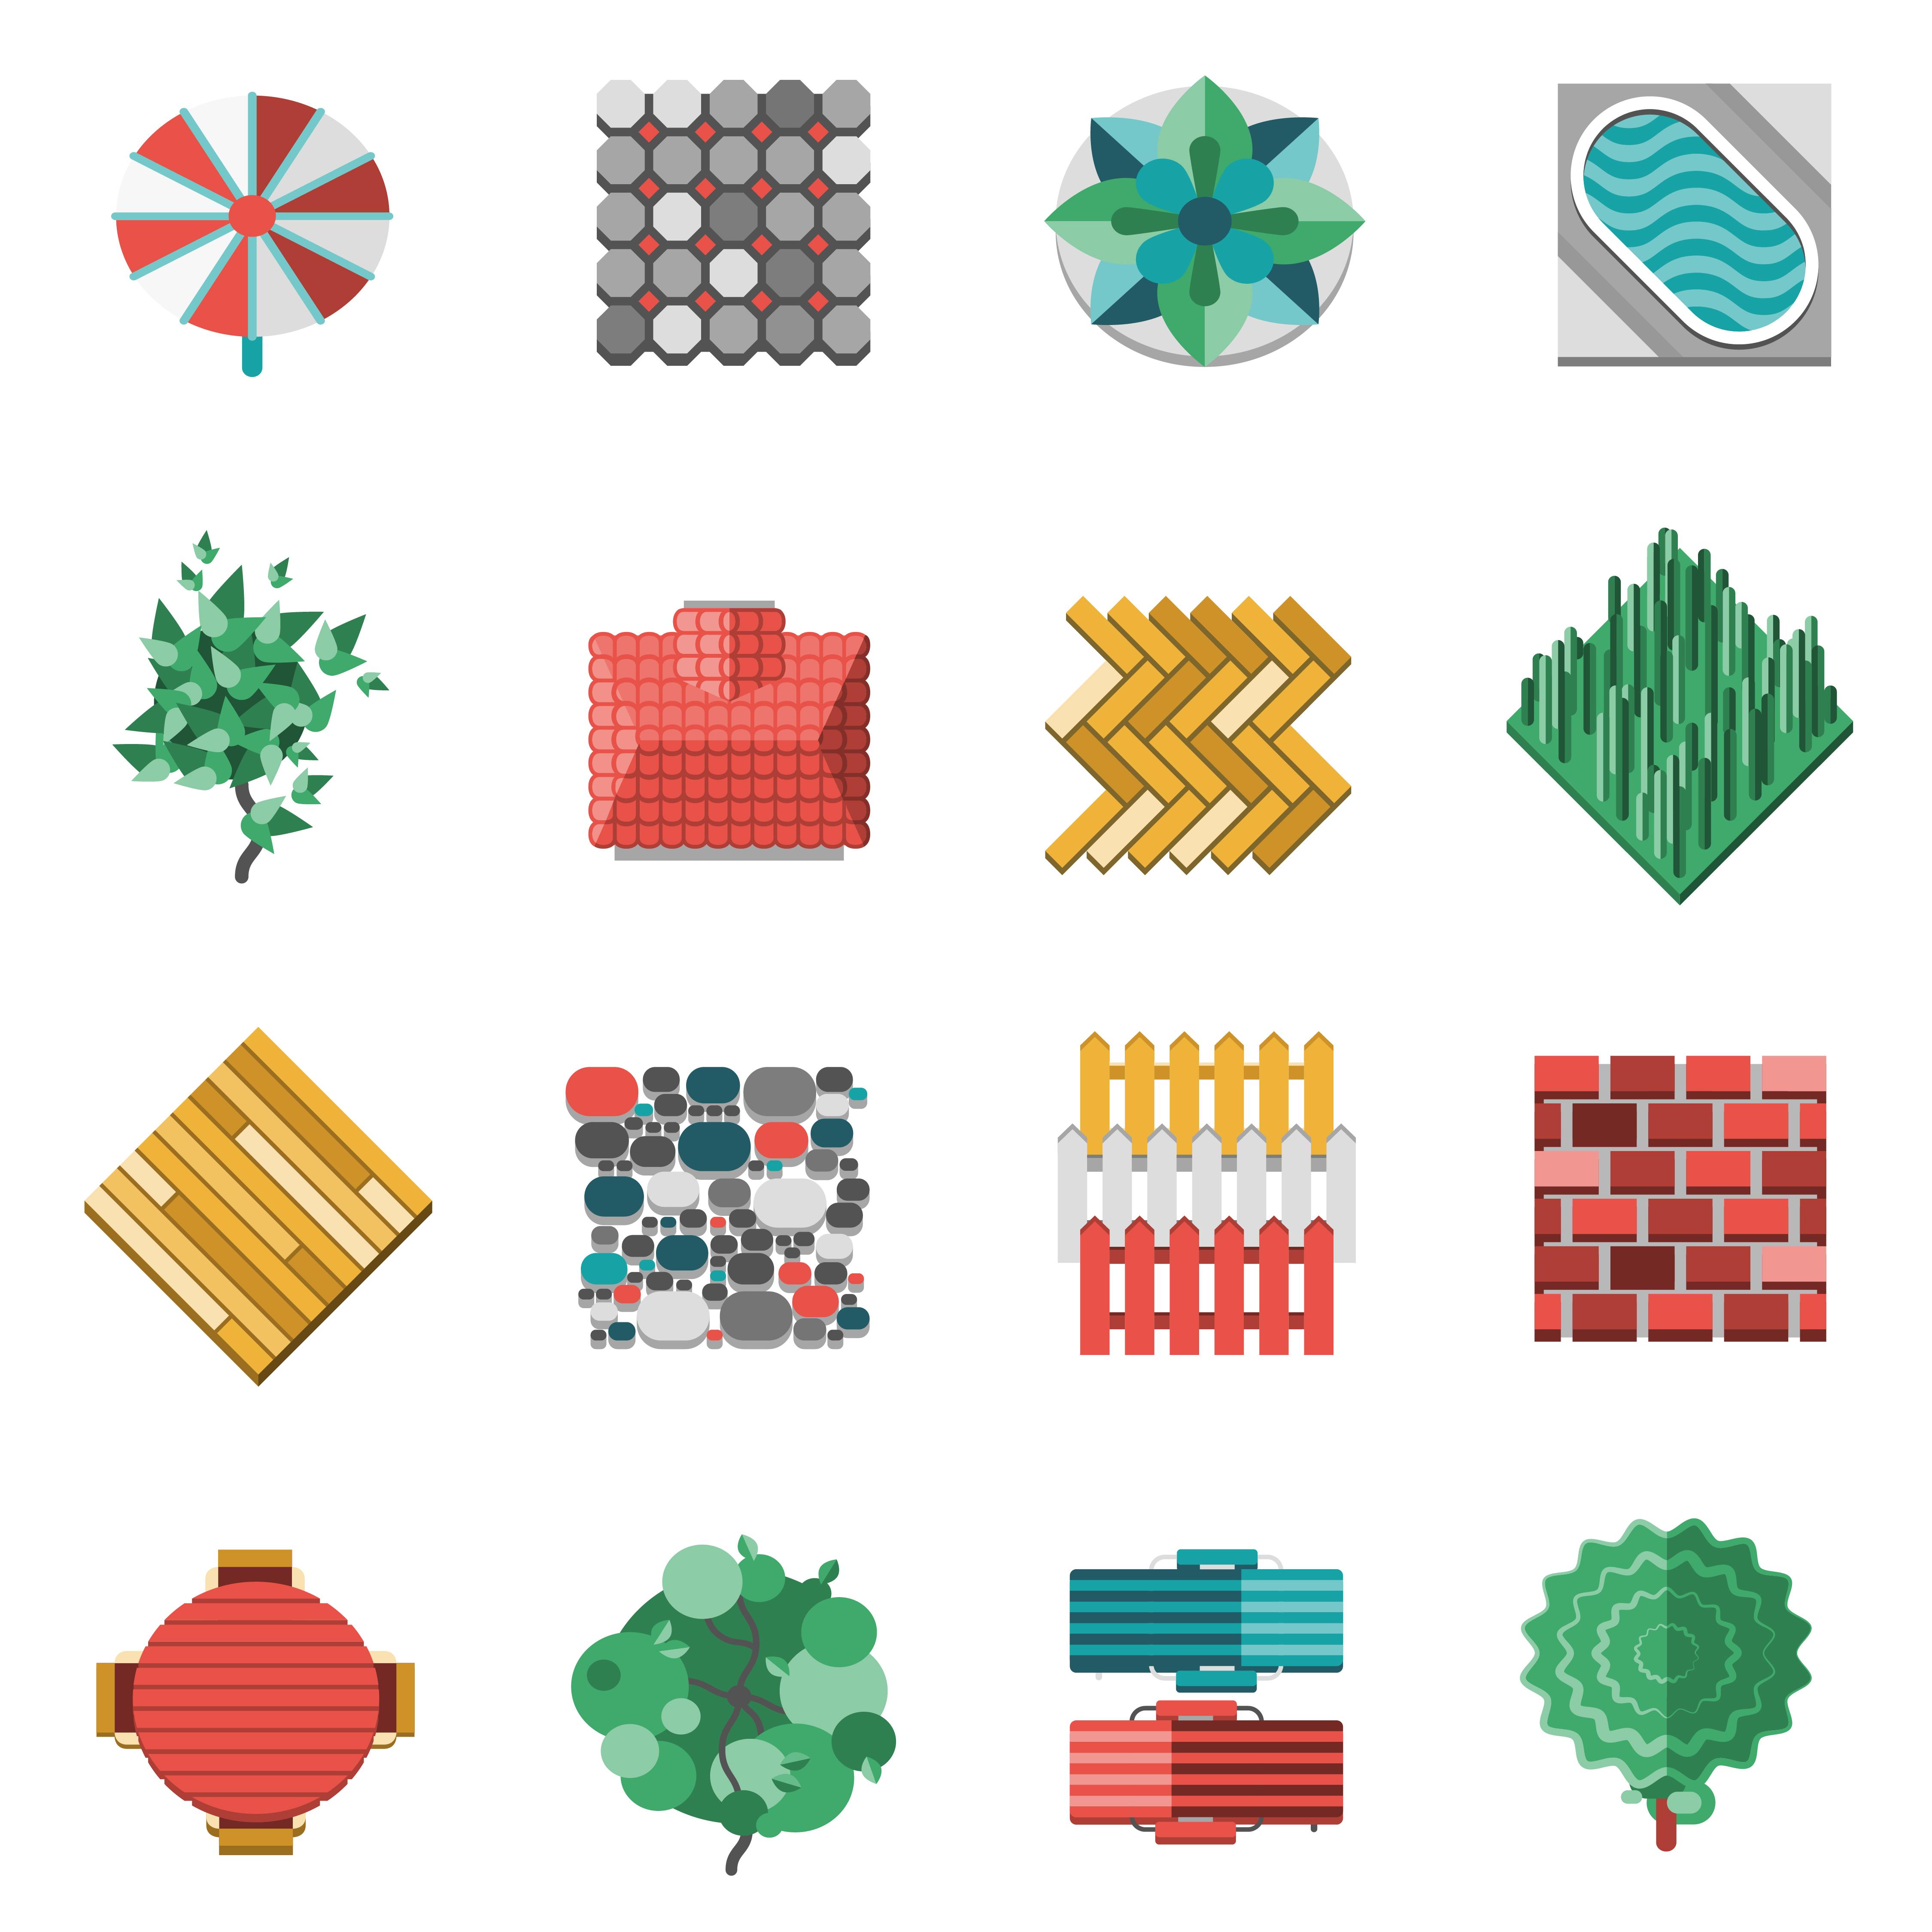 Landscape Design Elements - Download Free Vectors, Clipart ...